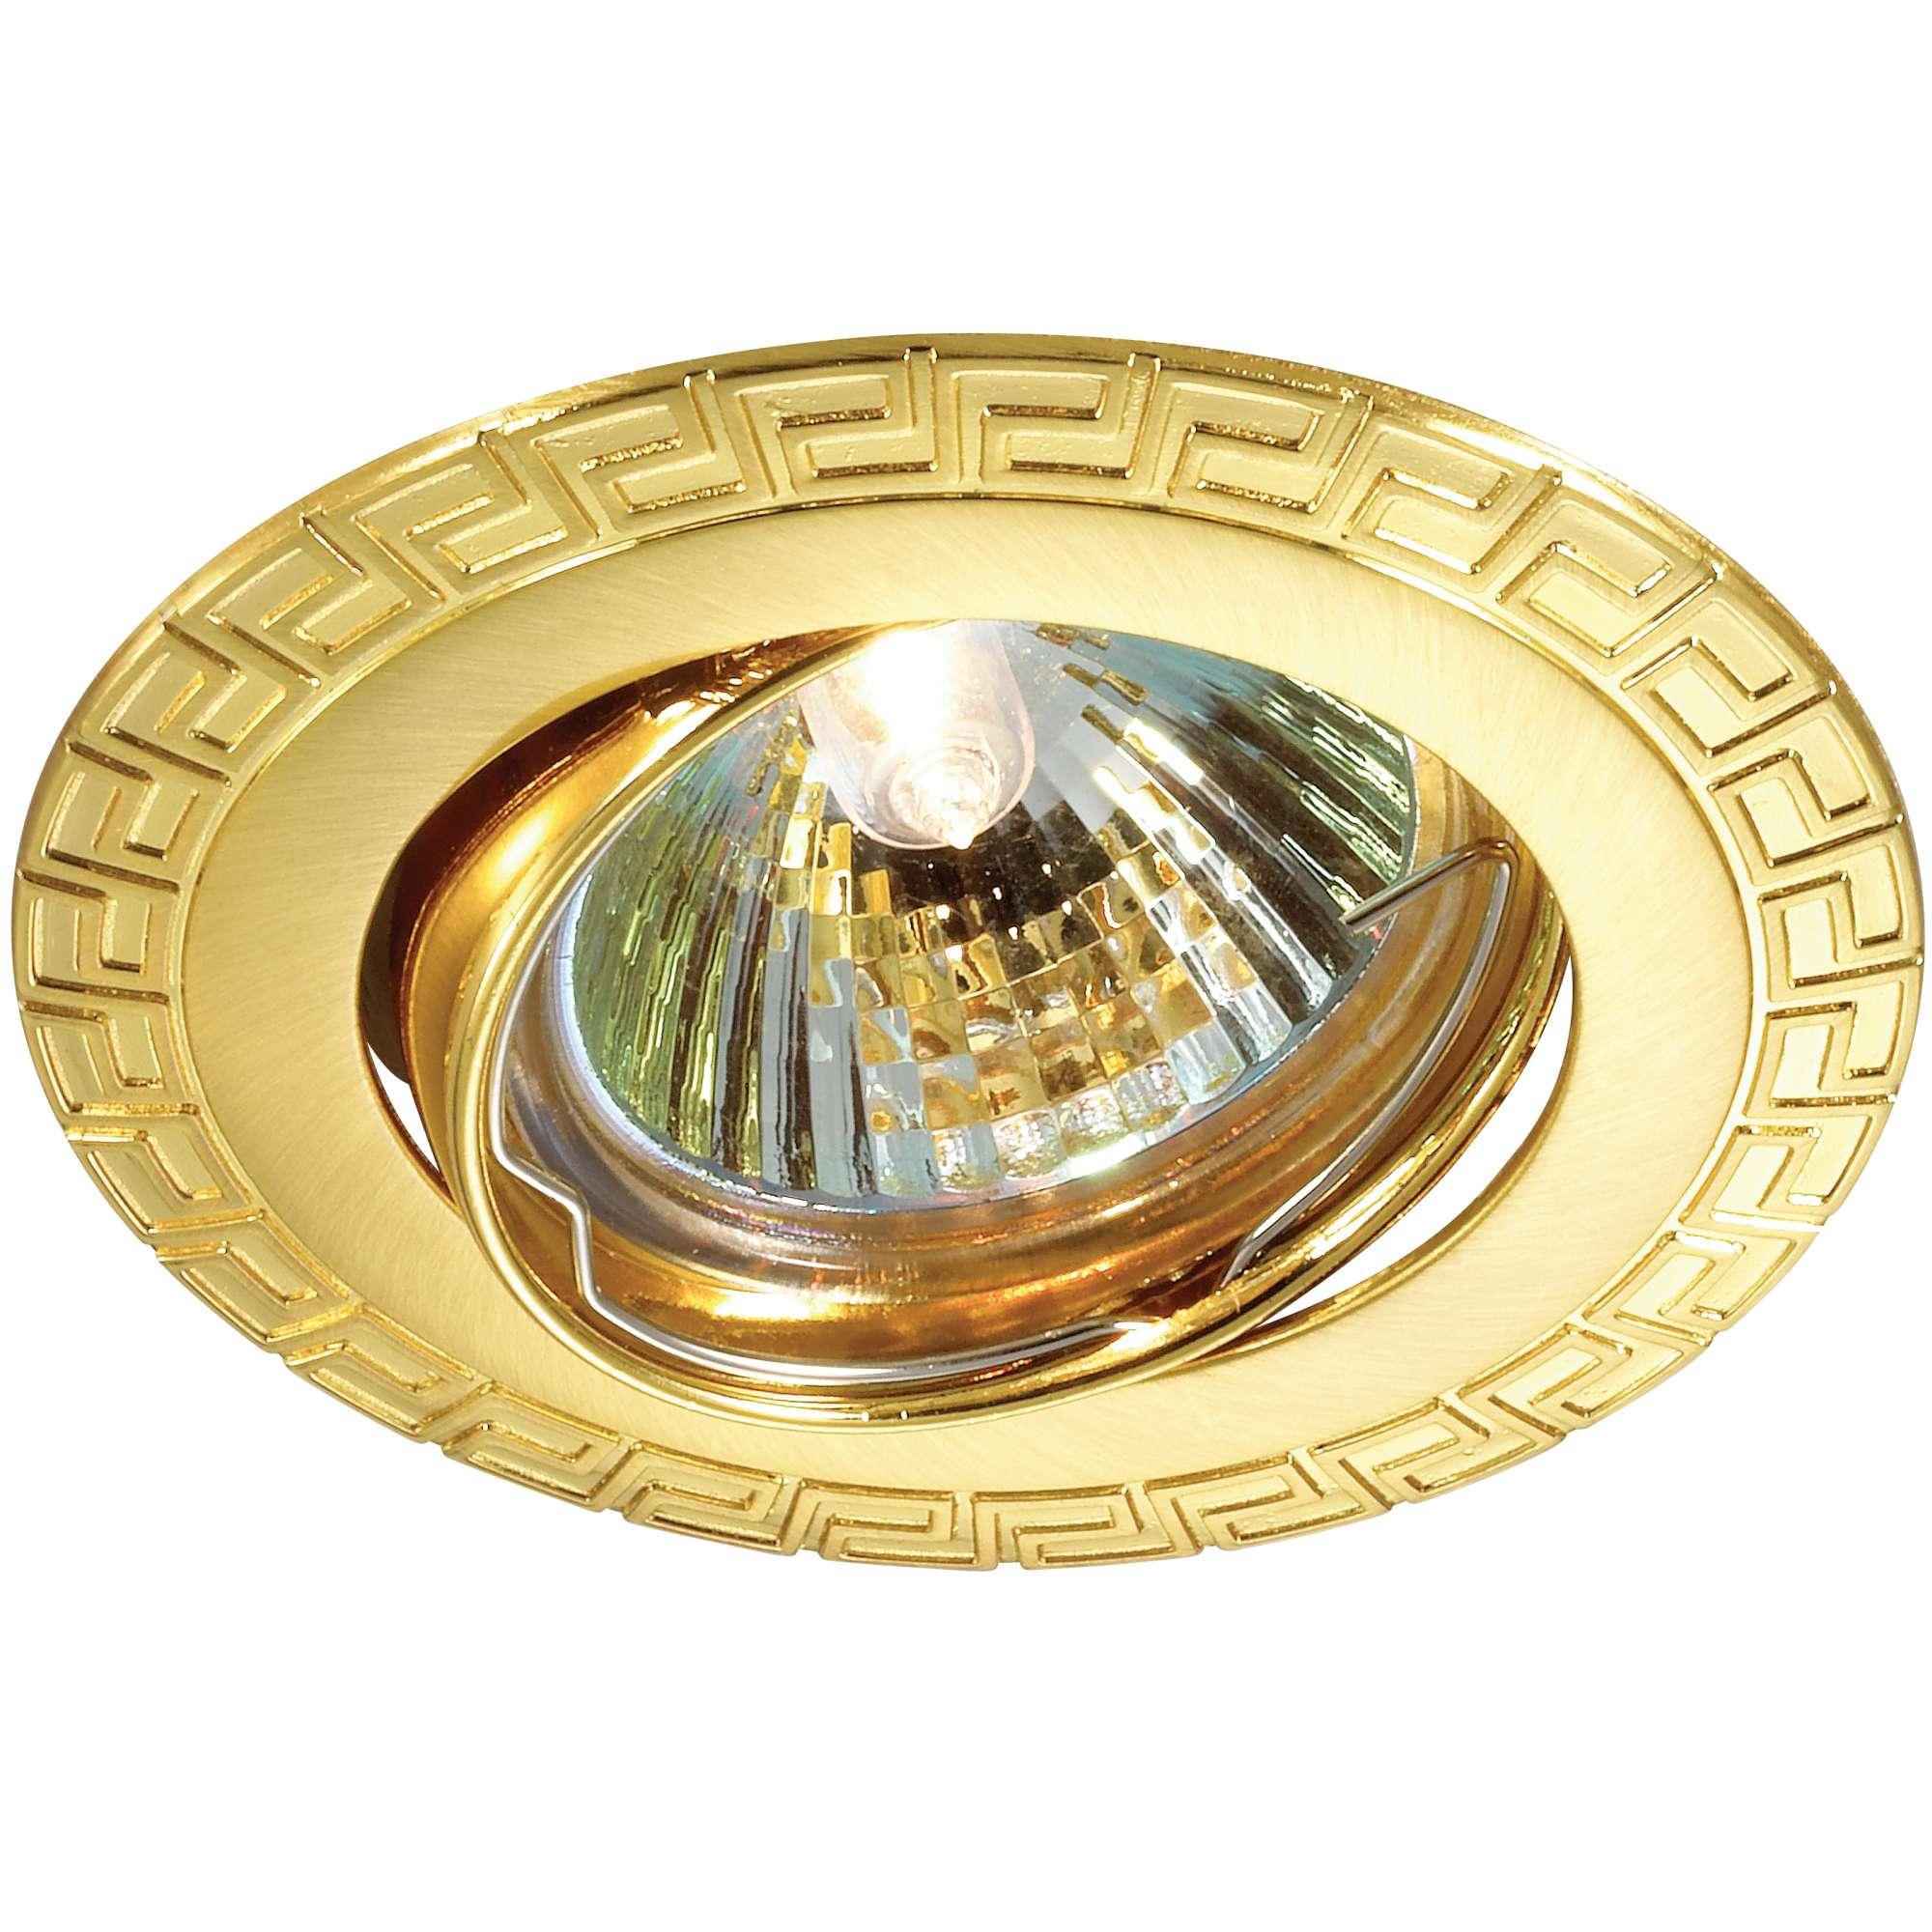 все цены на Светильник встраиваемый Novotech Coil nt12 161 369619 онлайн